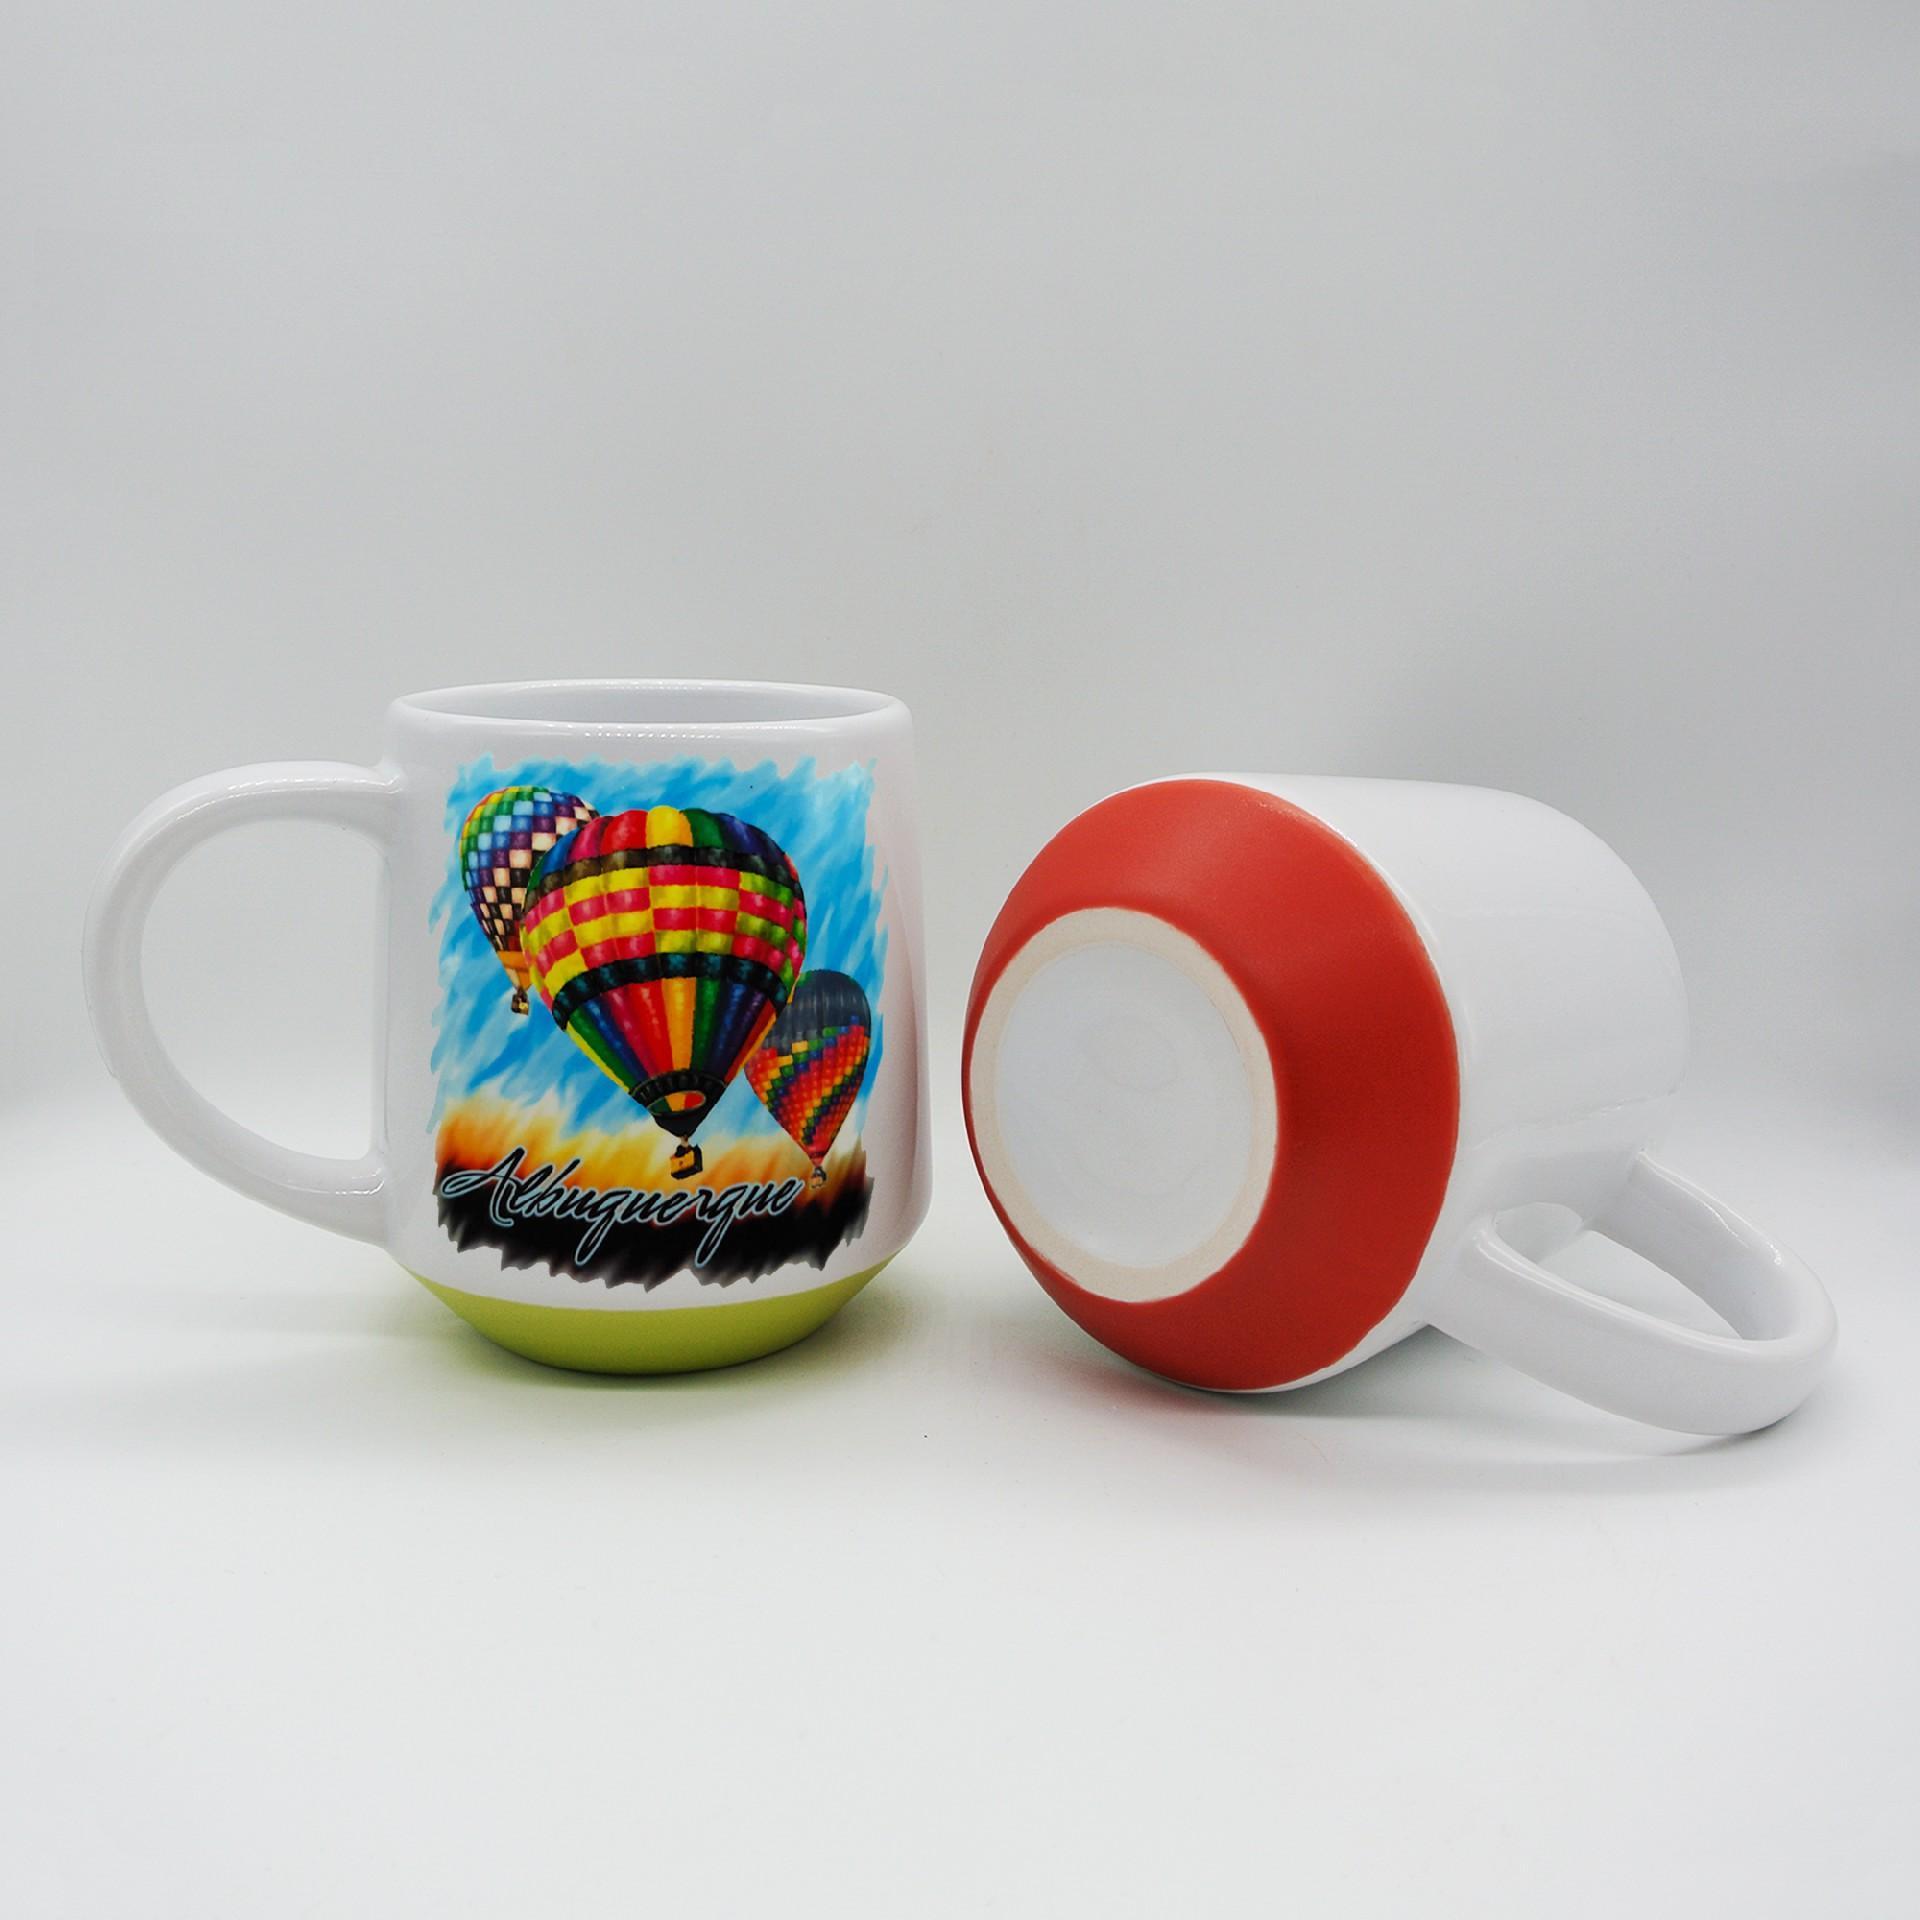 15oz  Sublimation ceramic mug with color bottom 2